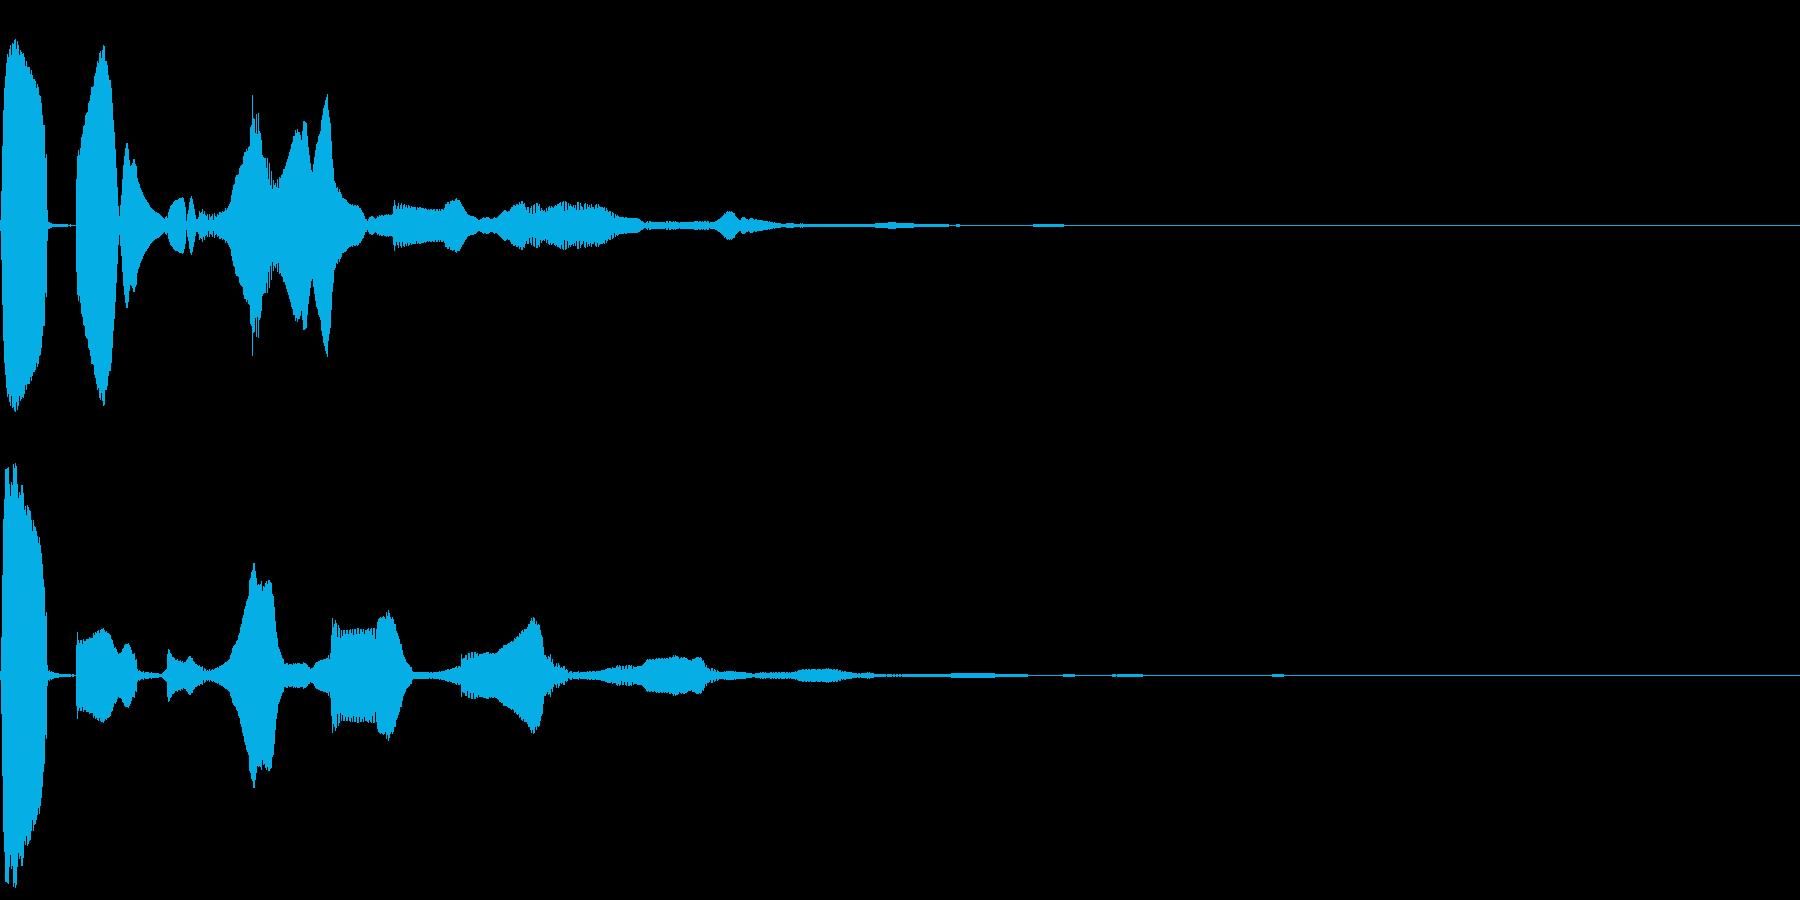 決定/クリック/選択音/UI(ピコンッ)の再生済みの波形